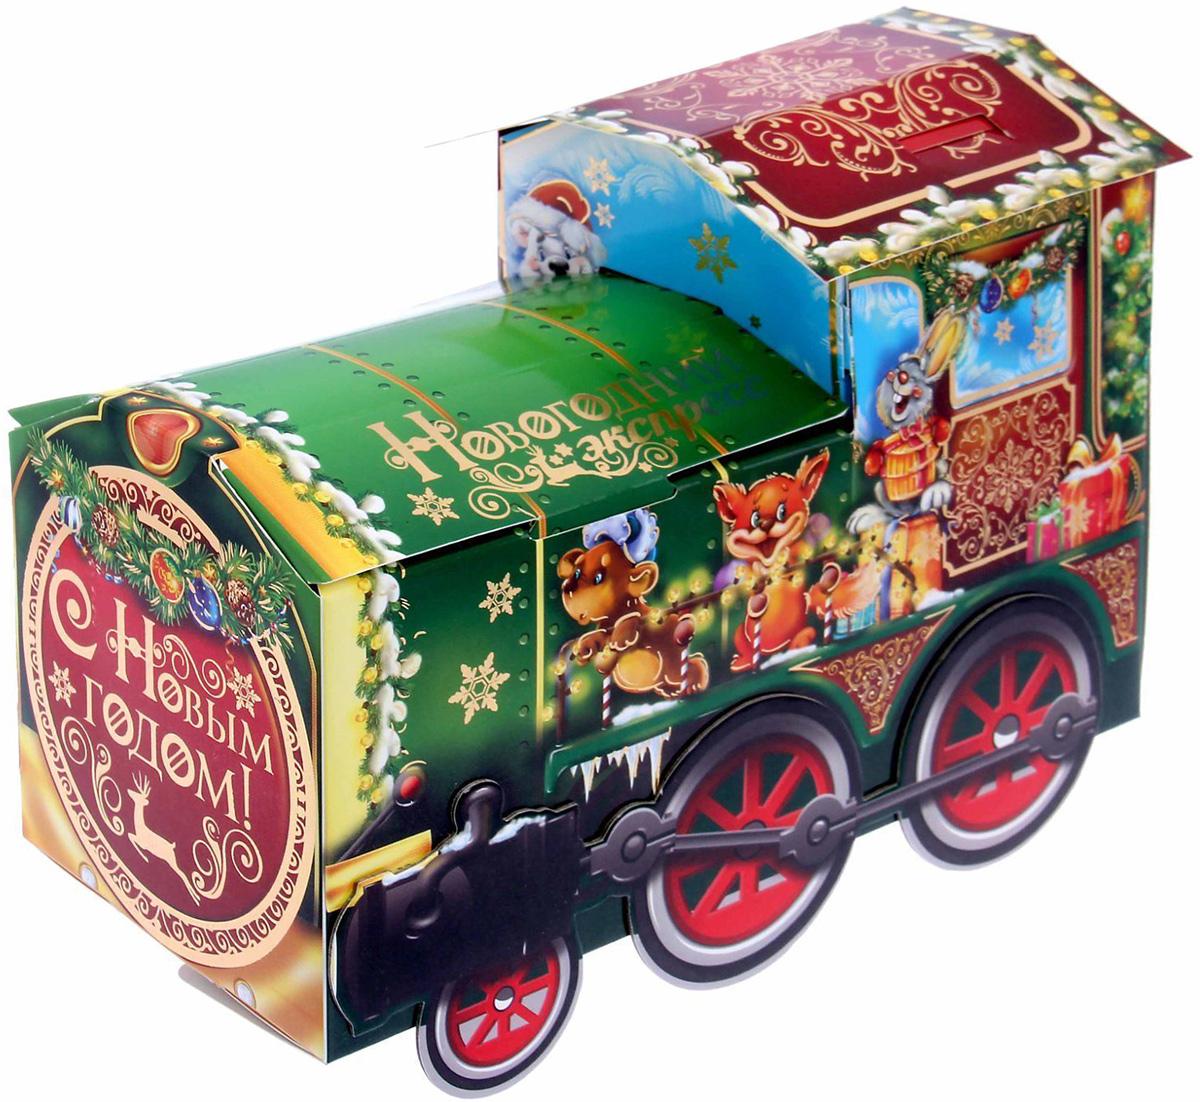 Коробка складная Sima-land Новогодний экспресс, 25 х 10.5 х 11 см2427872Любой подарок начинается с упаковки. Что может быть трогательнее и волшебнее, чем ритуал разворачивания полученного презента. И именно оригинальная, со вкусом выбранная упаковка выделит ваш подарок из массы других. Она продемонстрирует самые теплые чувства к виновнику торжества и создаст сказочную атмосферу праздника.